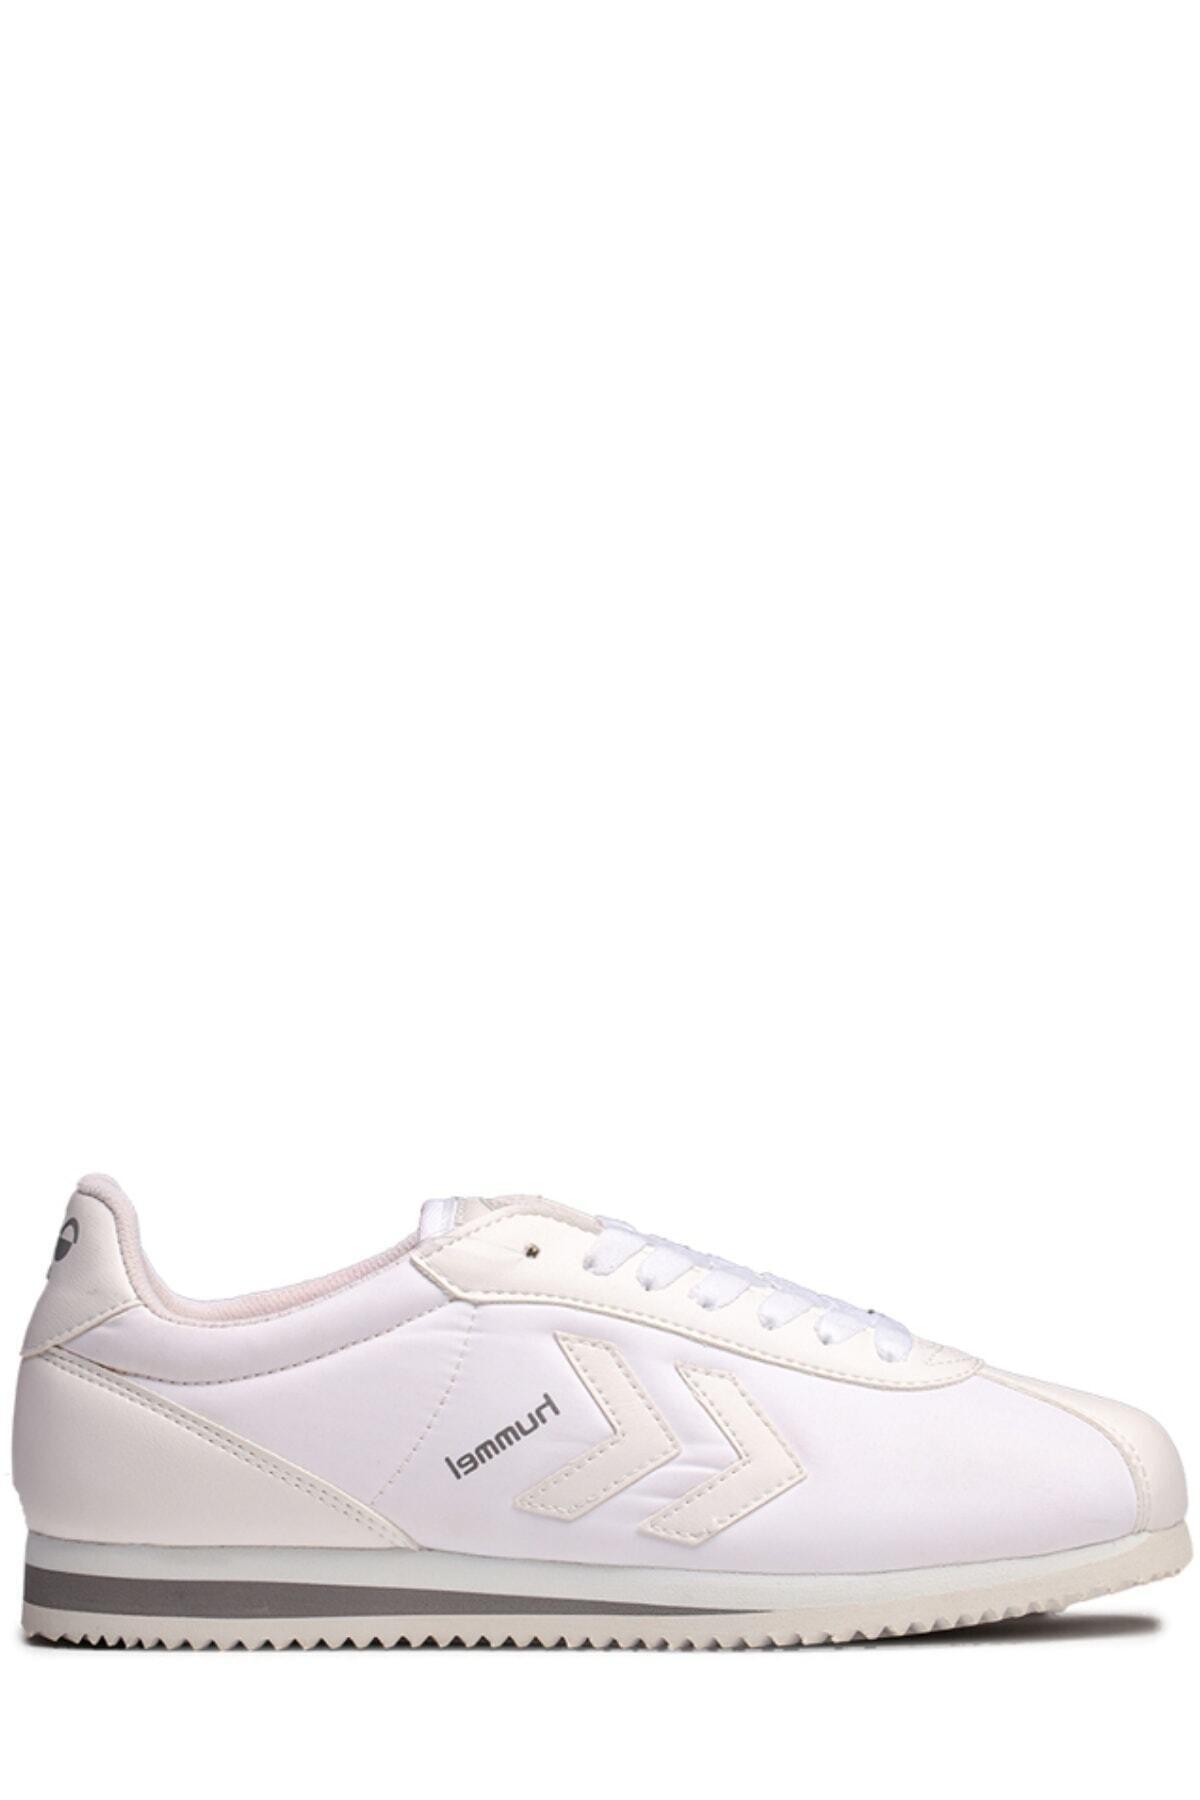 HUMMEL Unisex Beyaz Hmlnınetyone Iı Ayakkabı 208206-9001 1